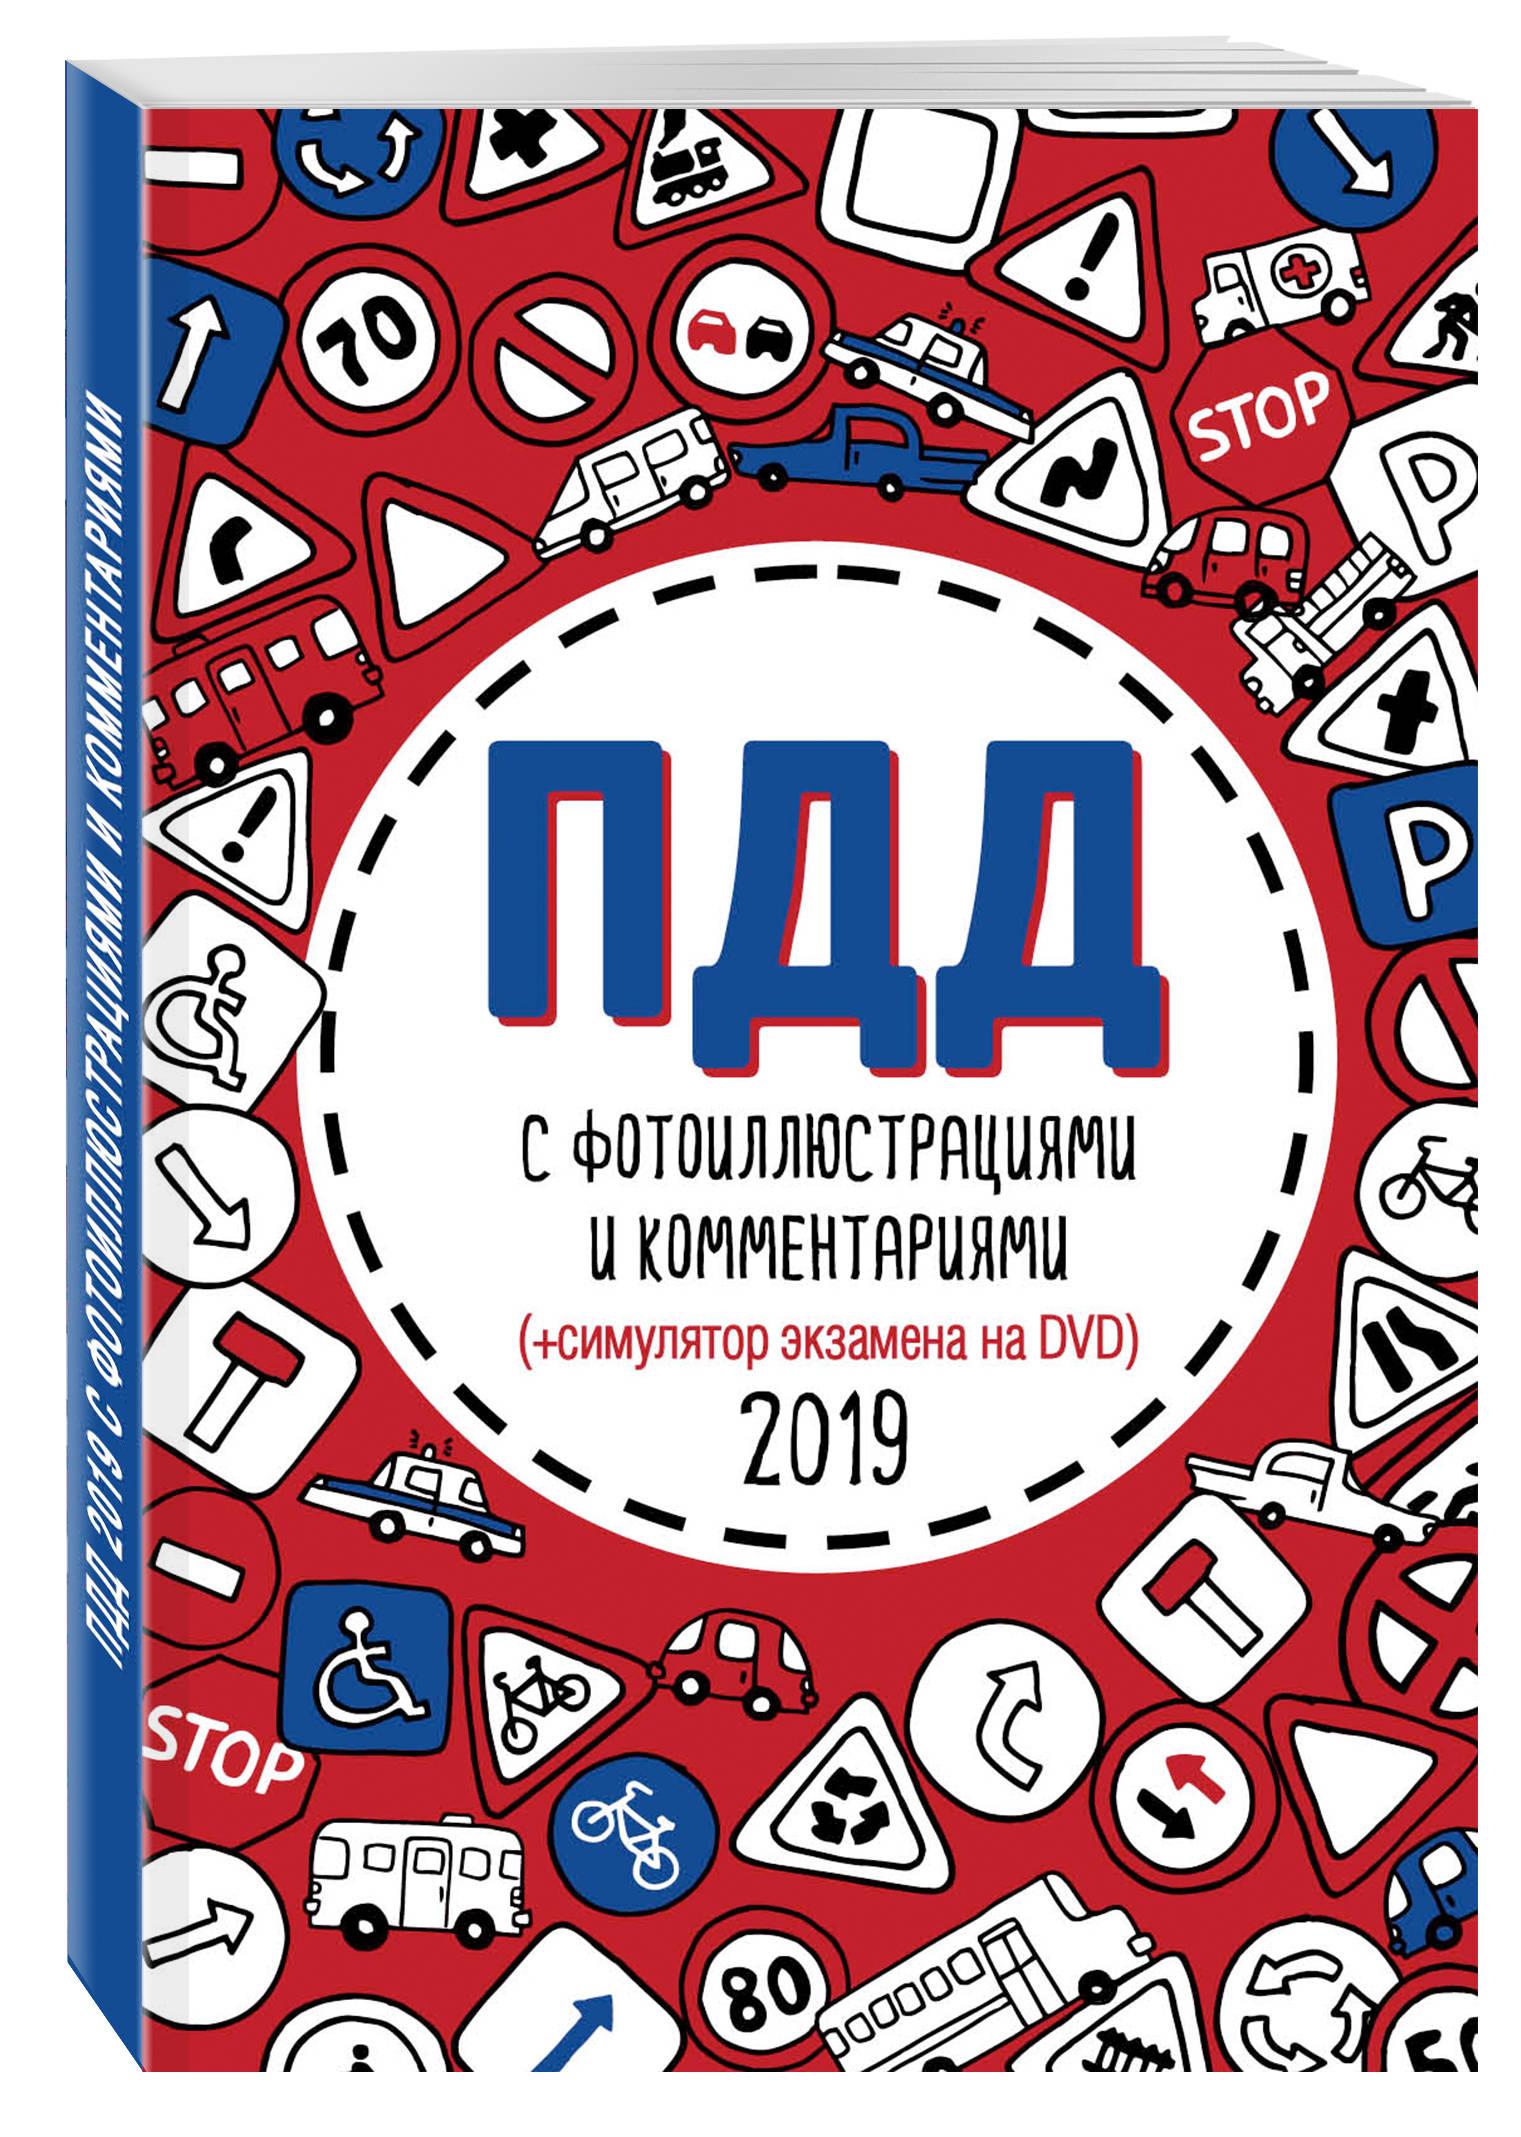 ПДД 2019 с фотоиллюстрациями и комментариями (+симулятор экзамена на DVD)